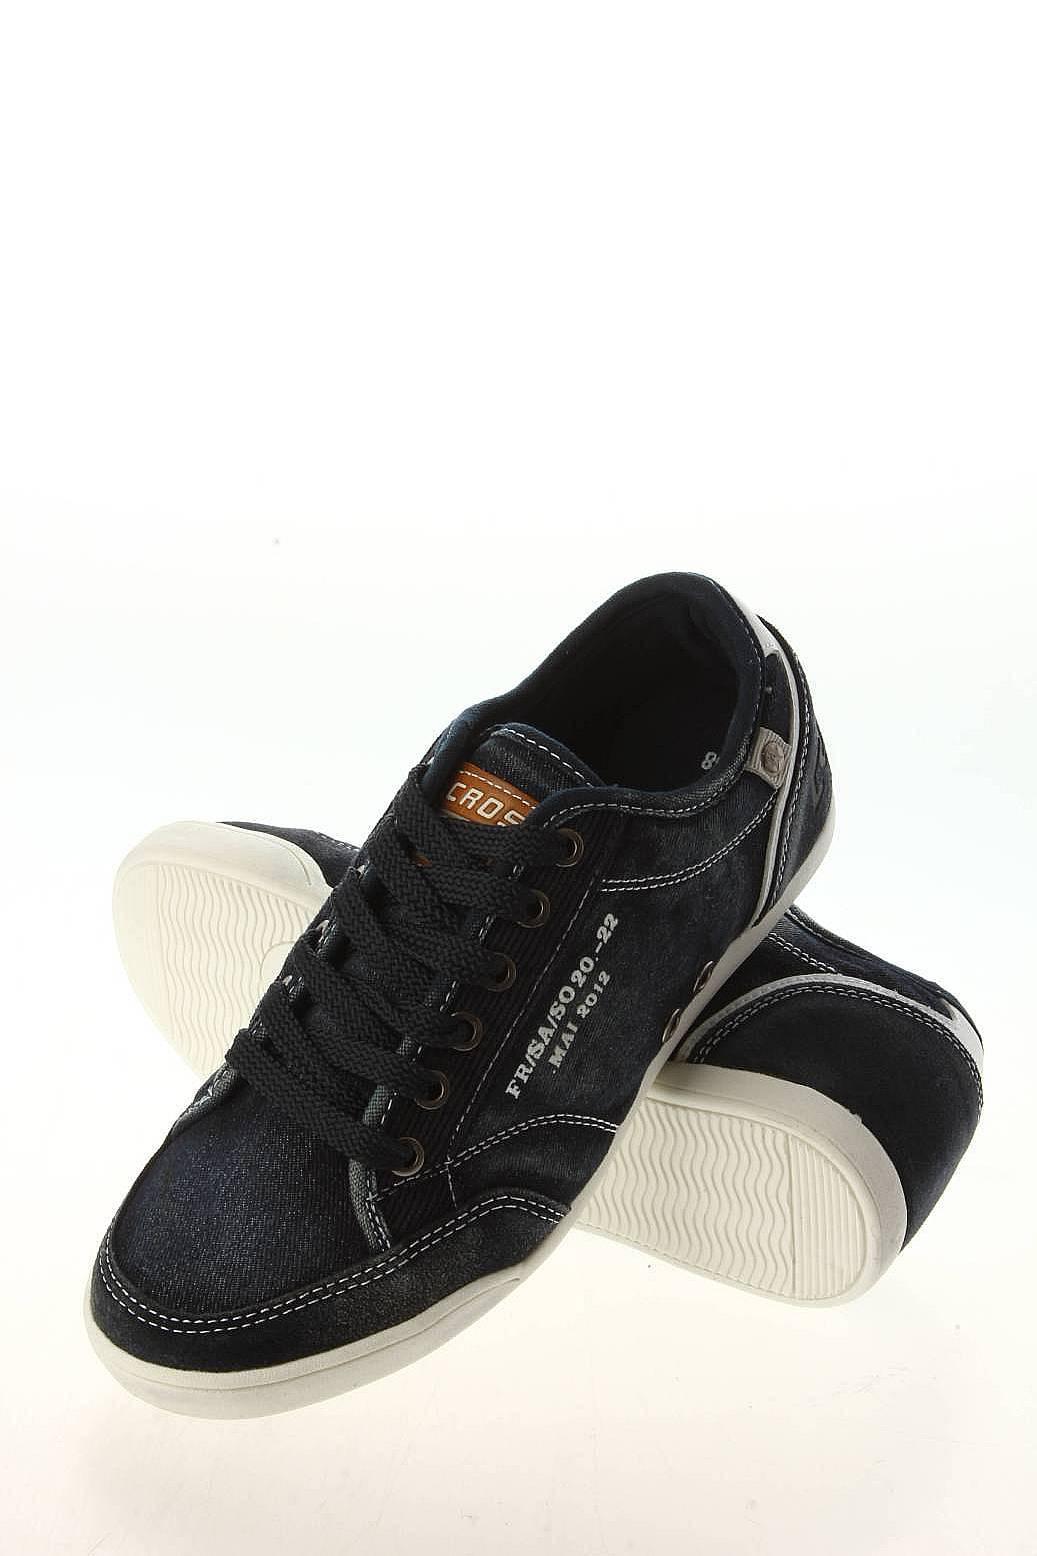 Мужская Обувь Детская Обувь Туфли: CROSBY Обувь